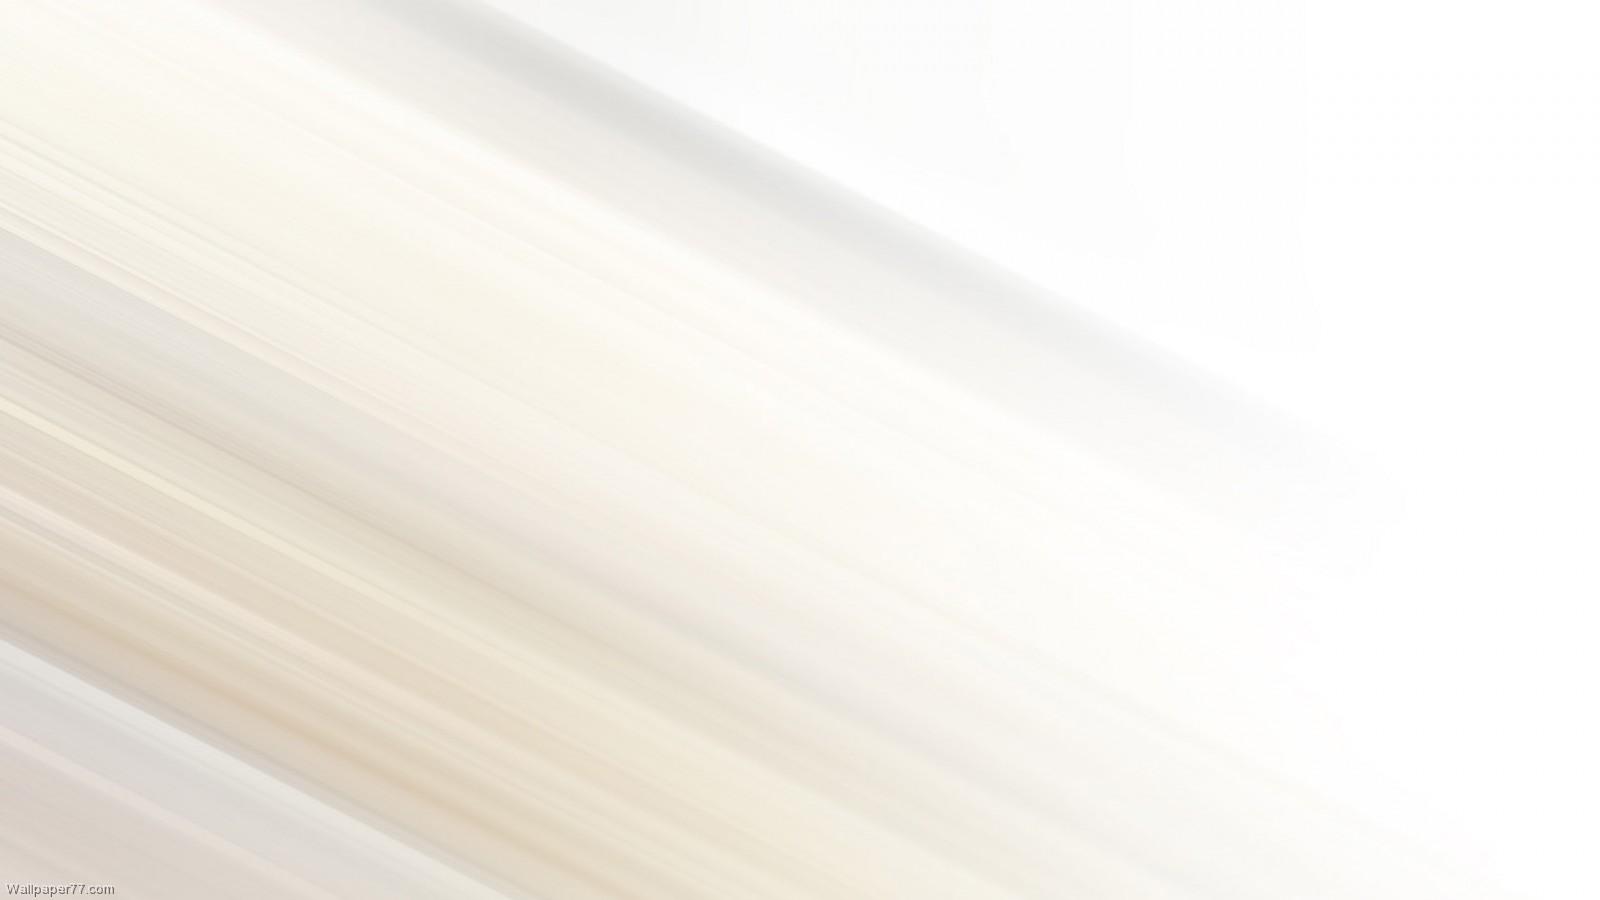 Hình nền trắng đẹp (29)